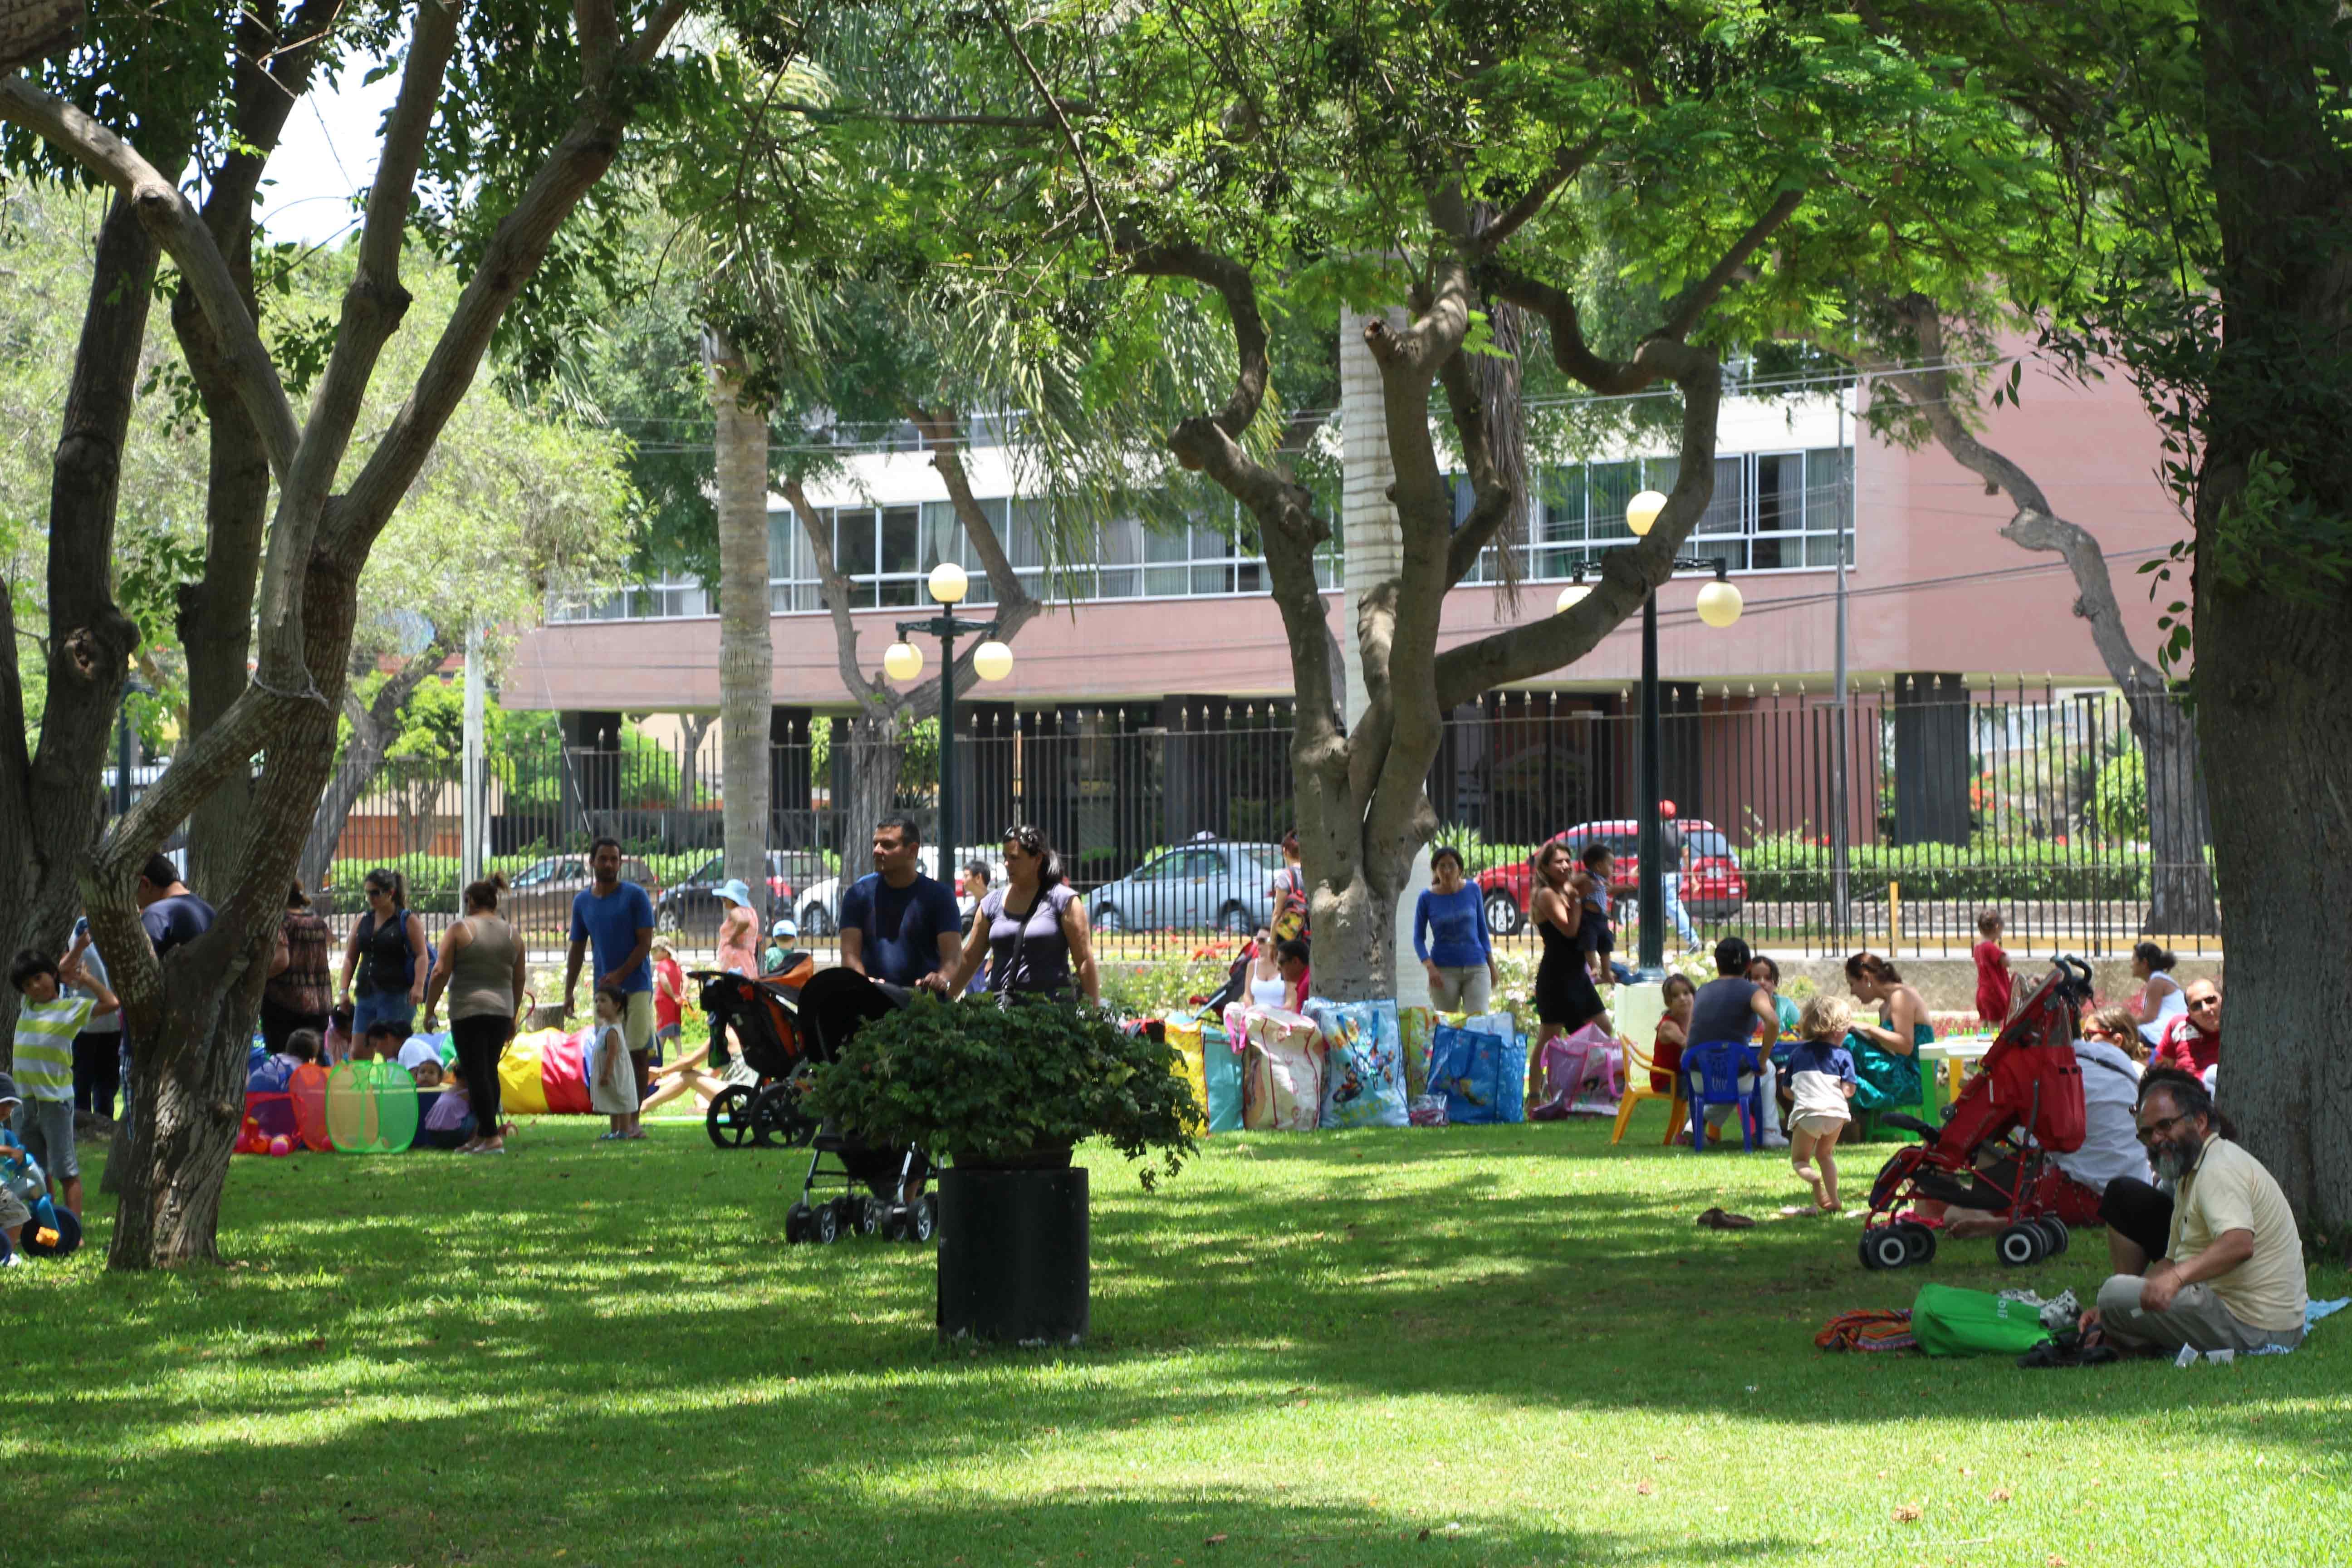 Estimulação infantil no Parque Reducto em Lima